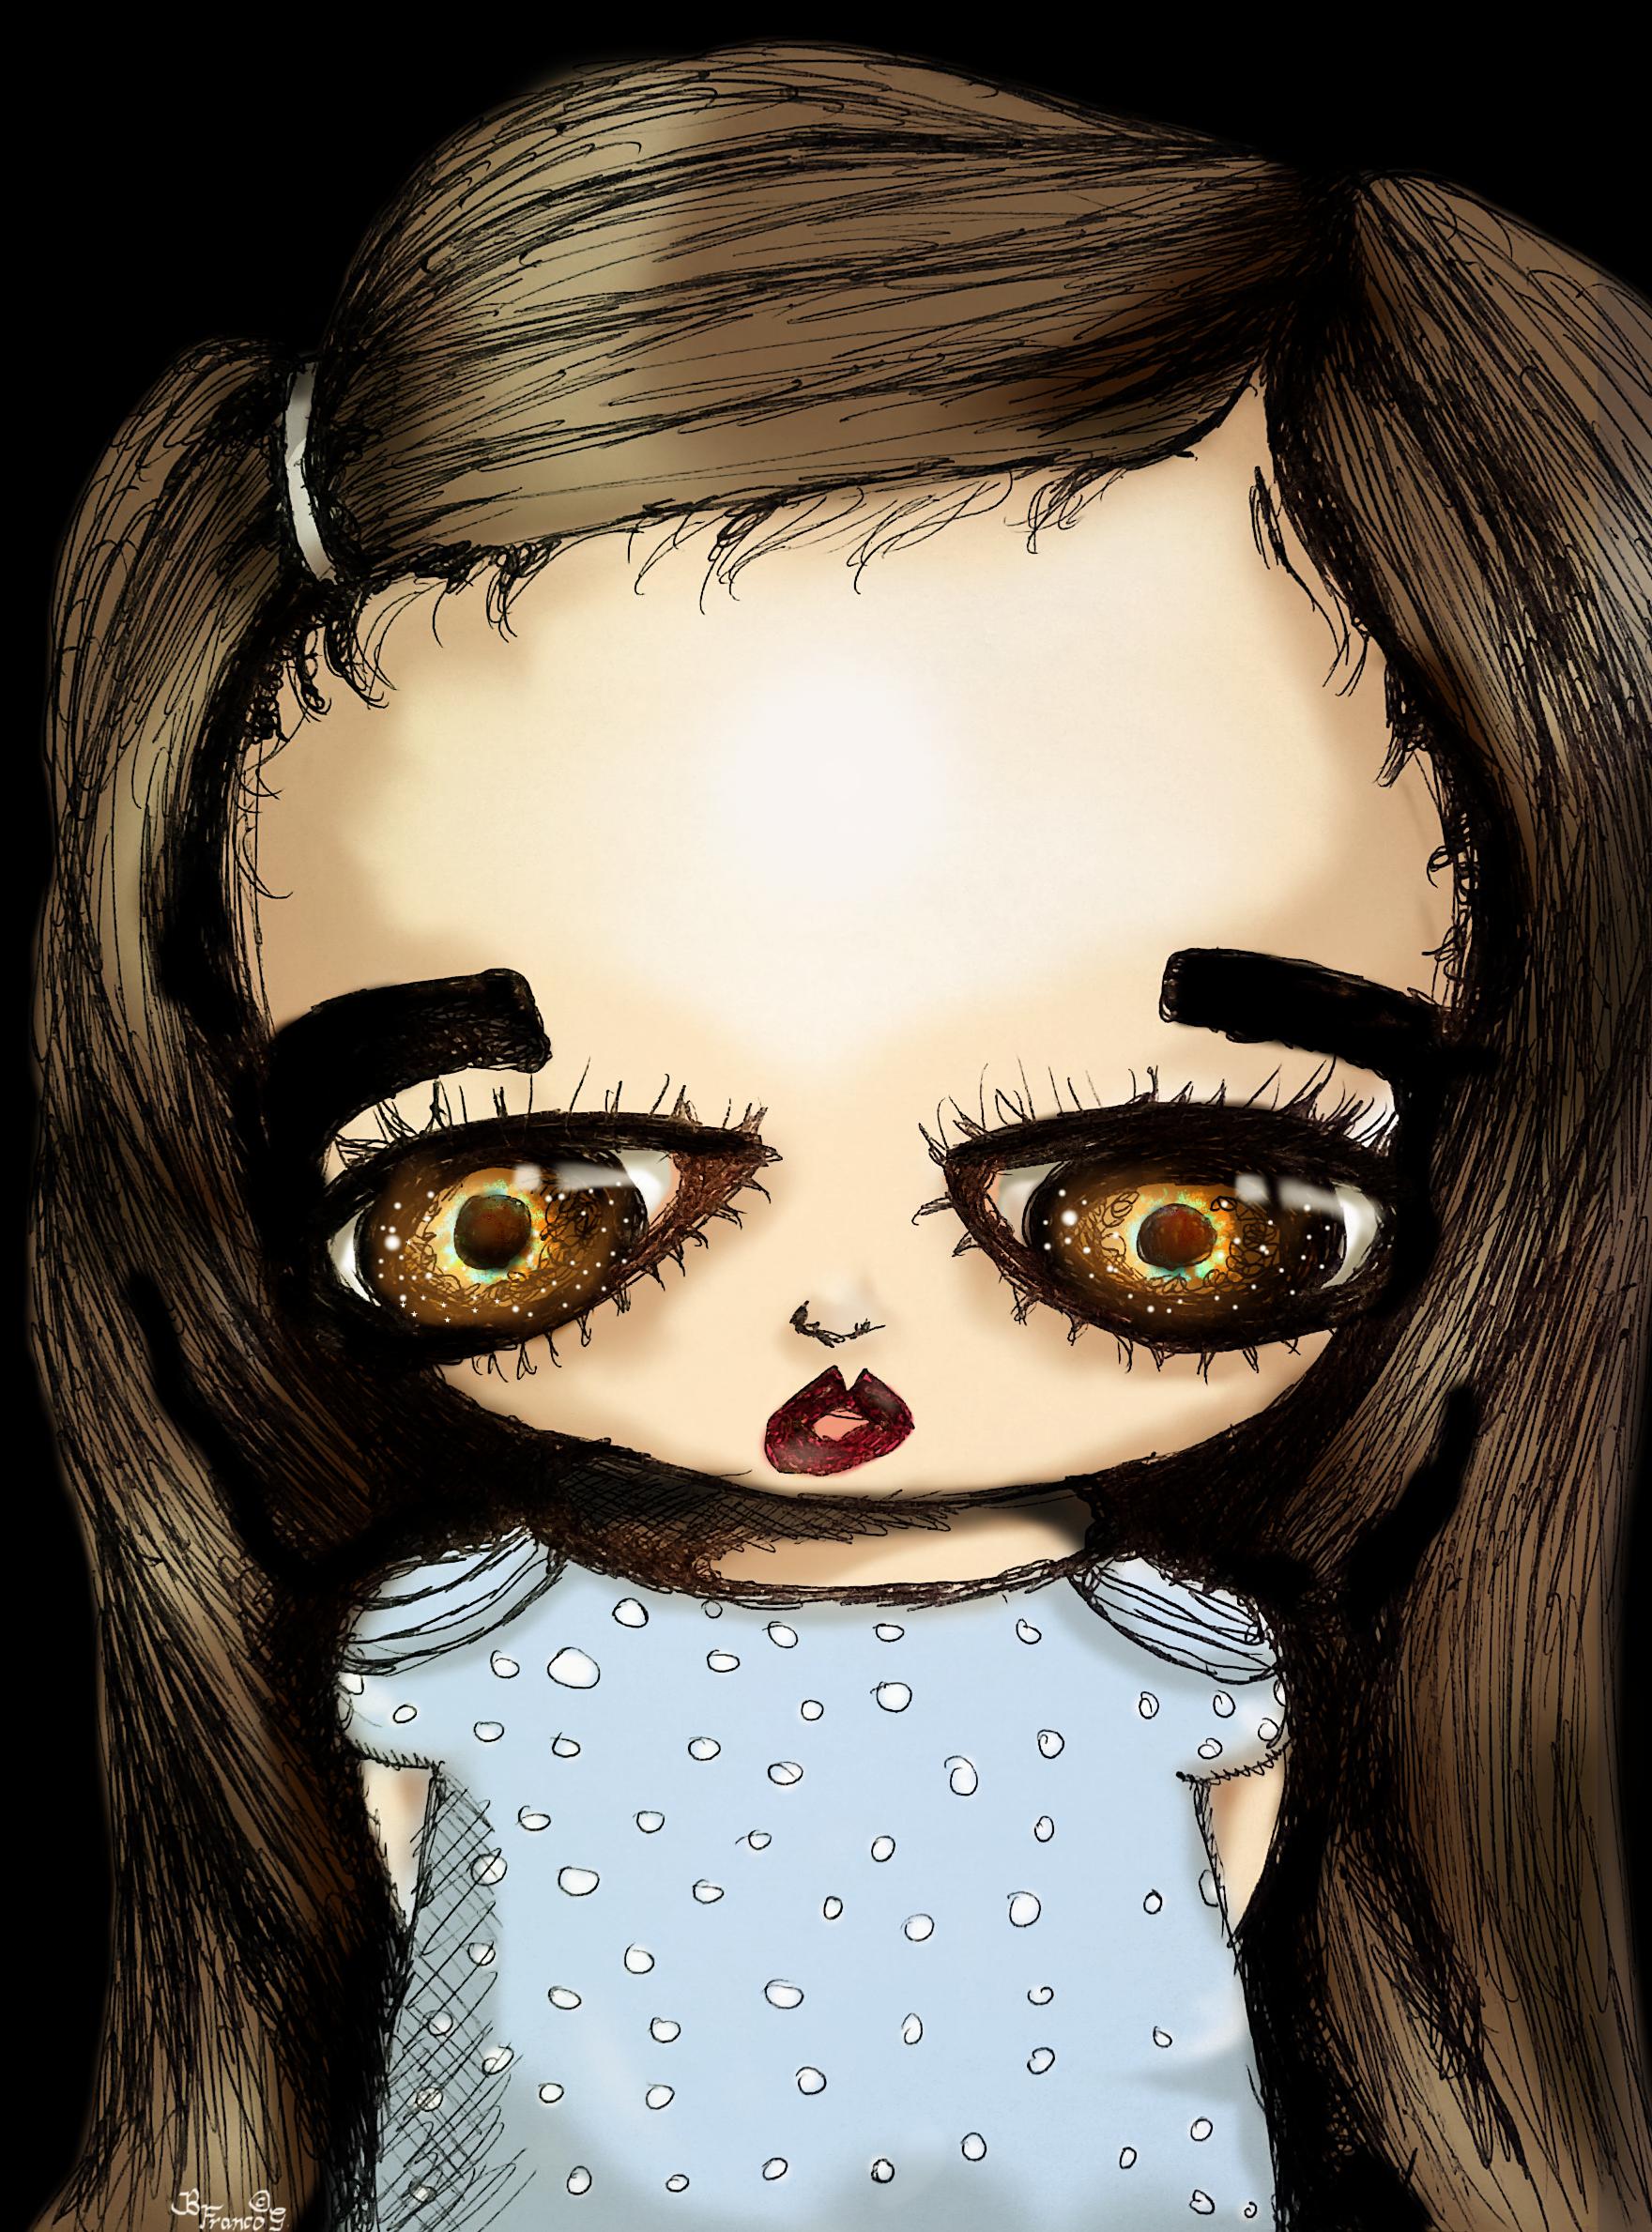 puzzledpixel's Profile Picture